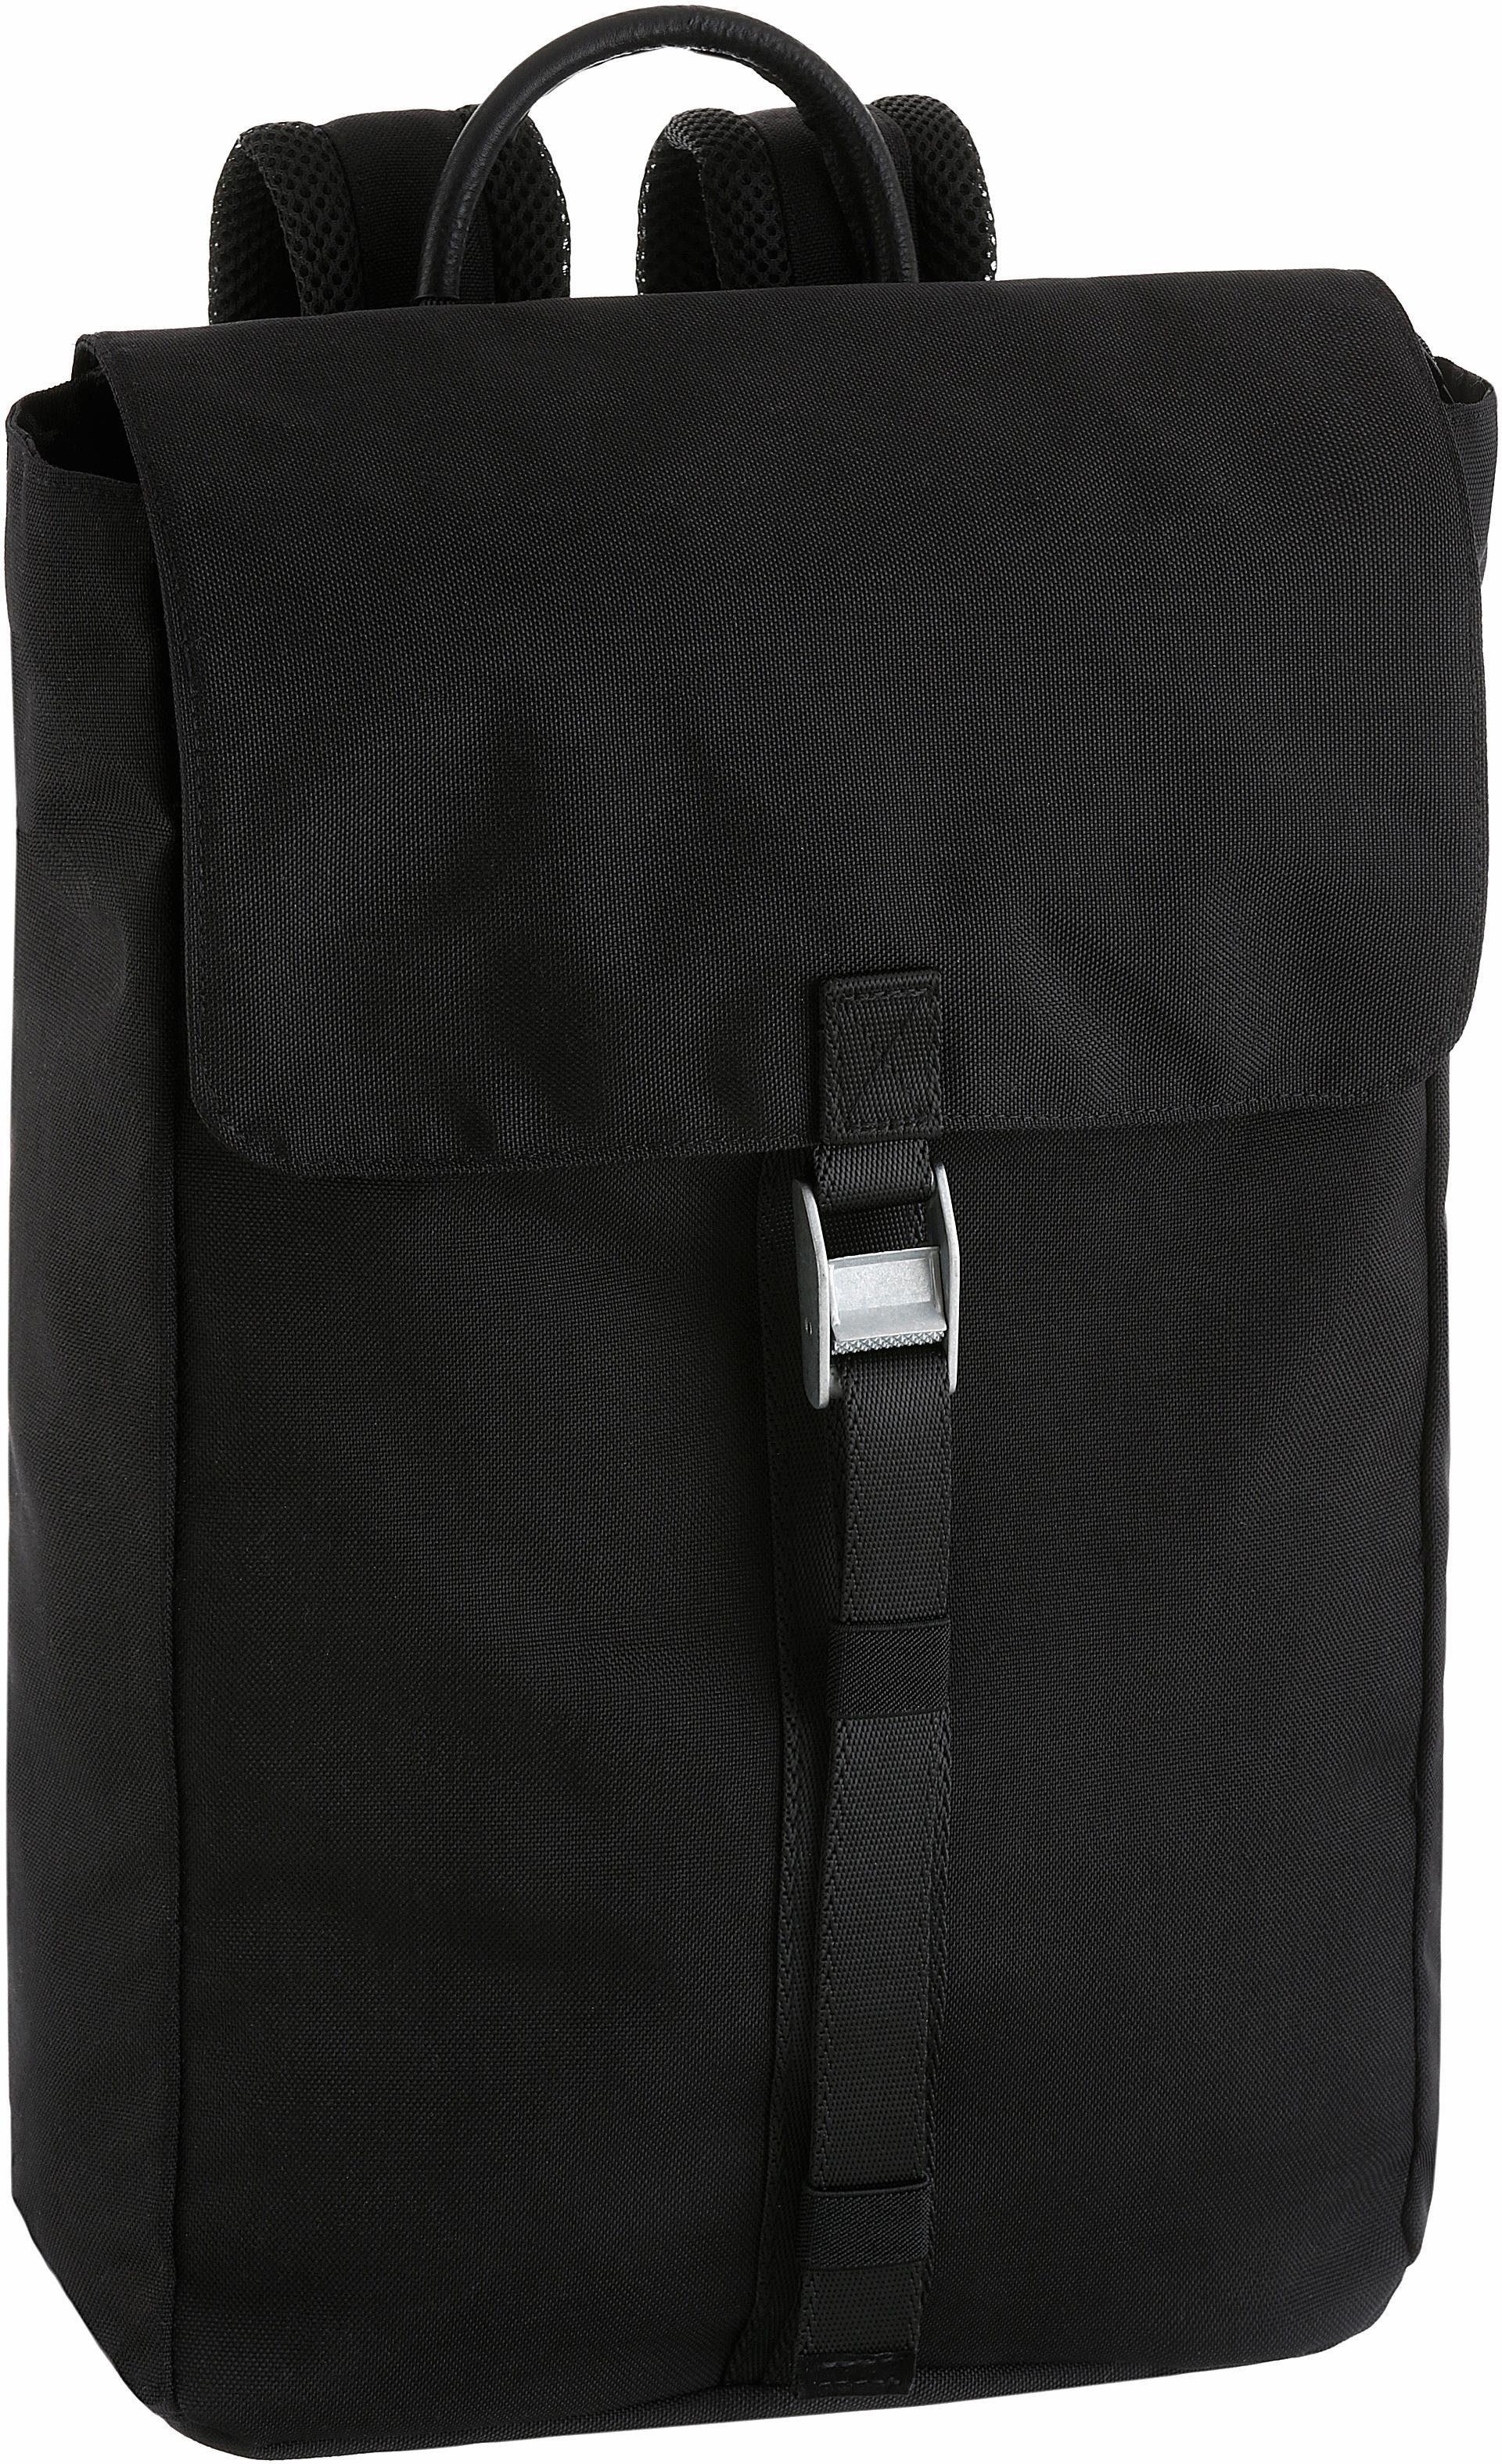 CARGO Rucksack mit 15-Zoll Laptopfach, »Cargo 101, schwarz, mit Verschlussklappe«